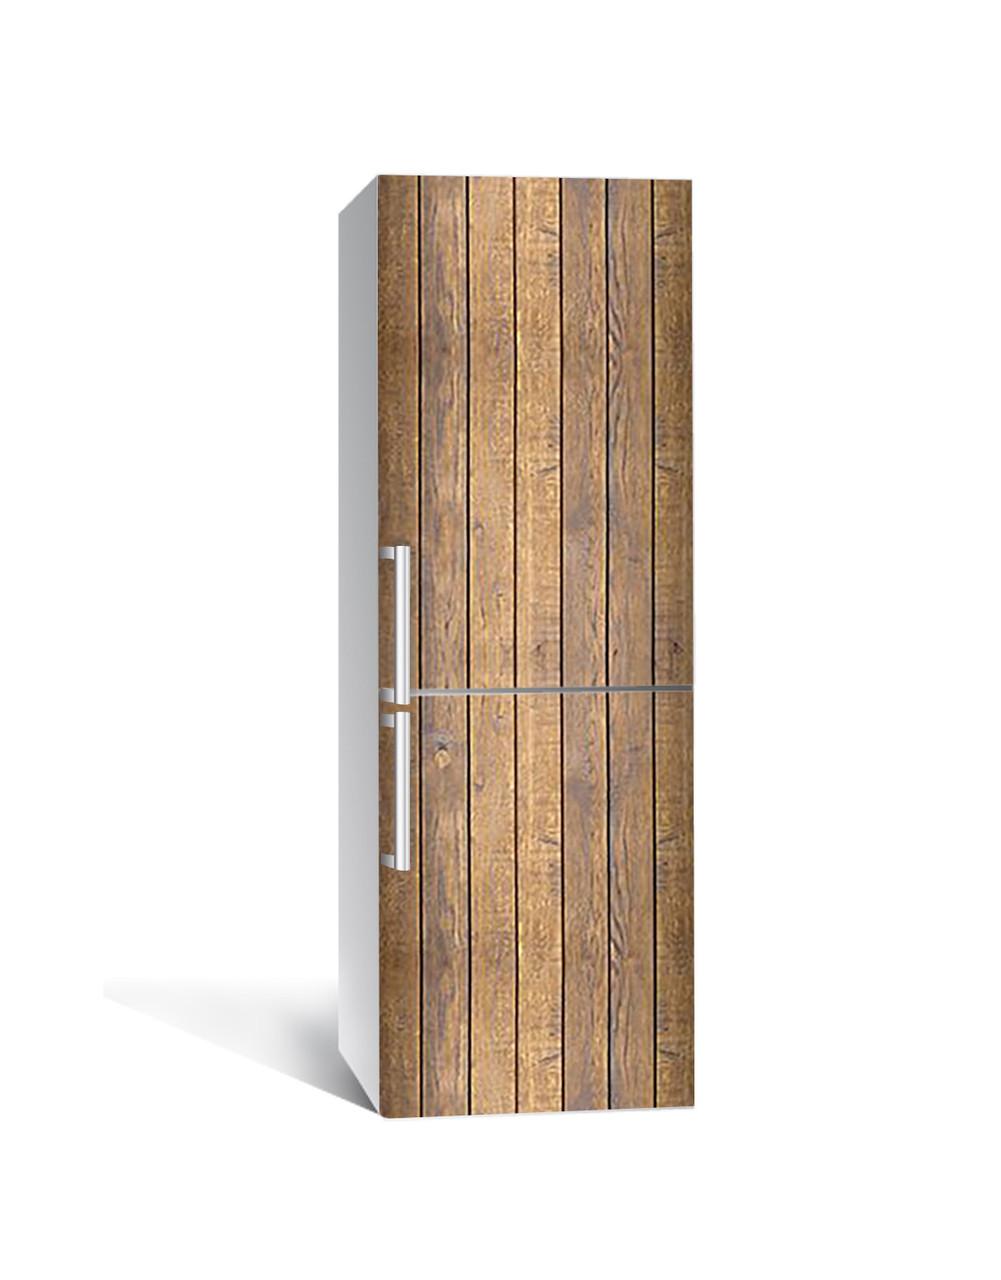 Виниловая наклейка на холодильник 3Д Под дерево Доски сосна (пленка ПВХ) 65*200см Текстуры Коричневый